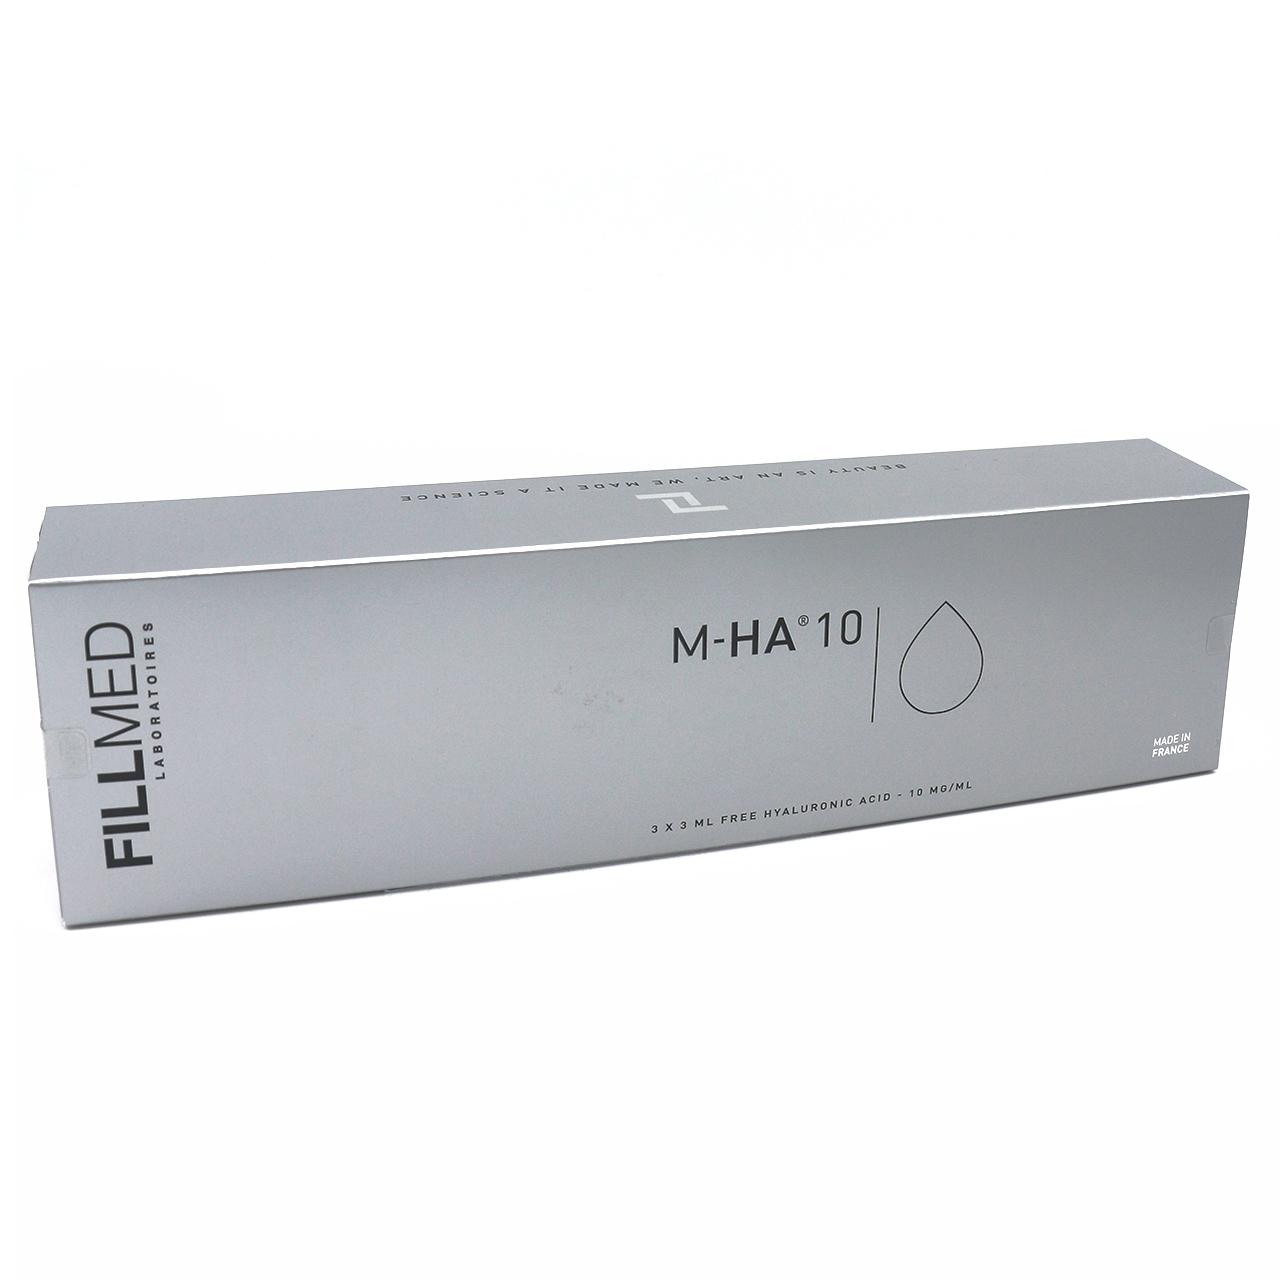 Filorga M-HA 10 3x3ml